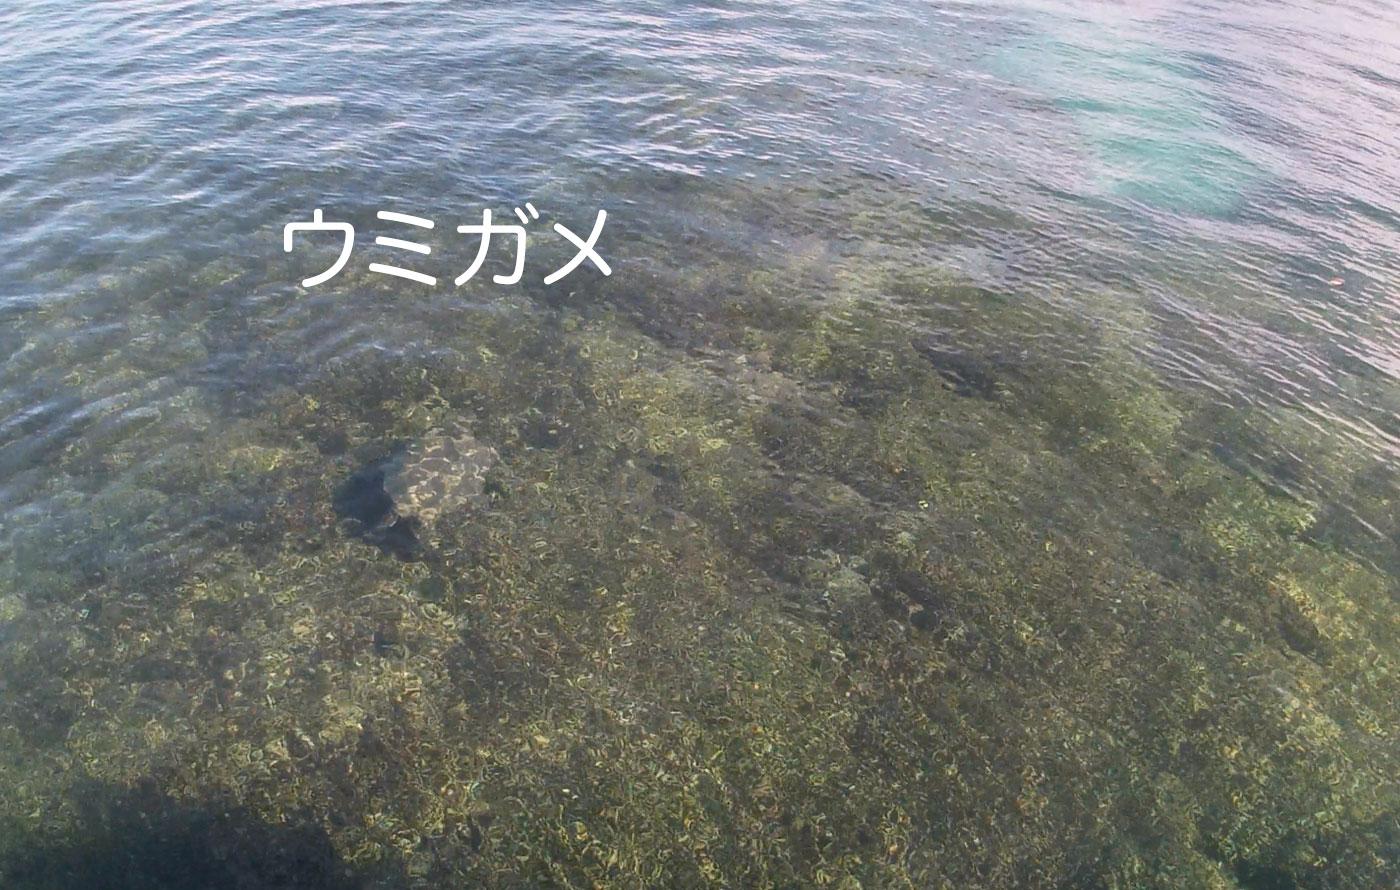 幸運の海ガメ